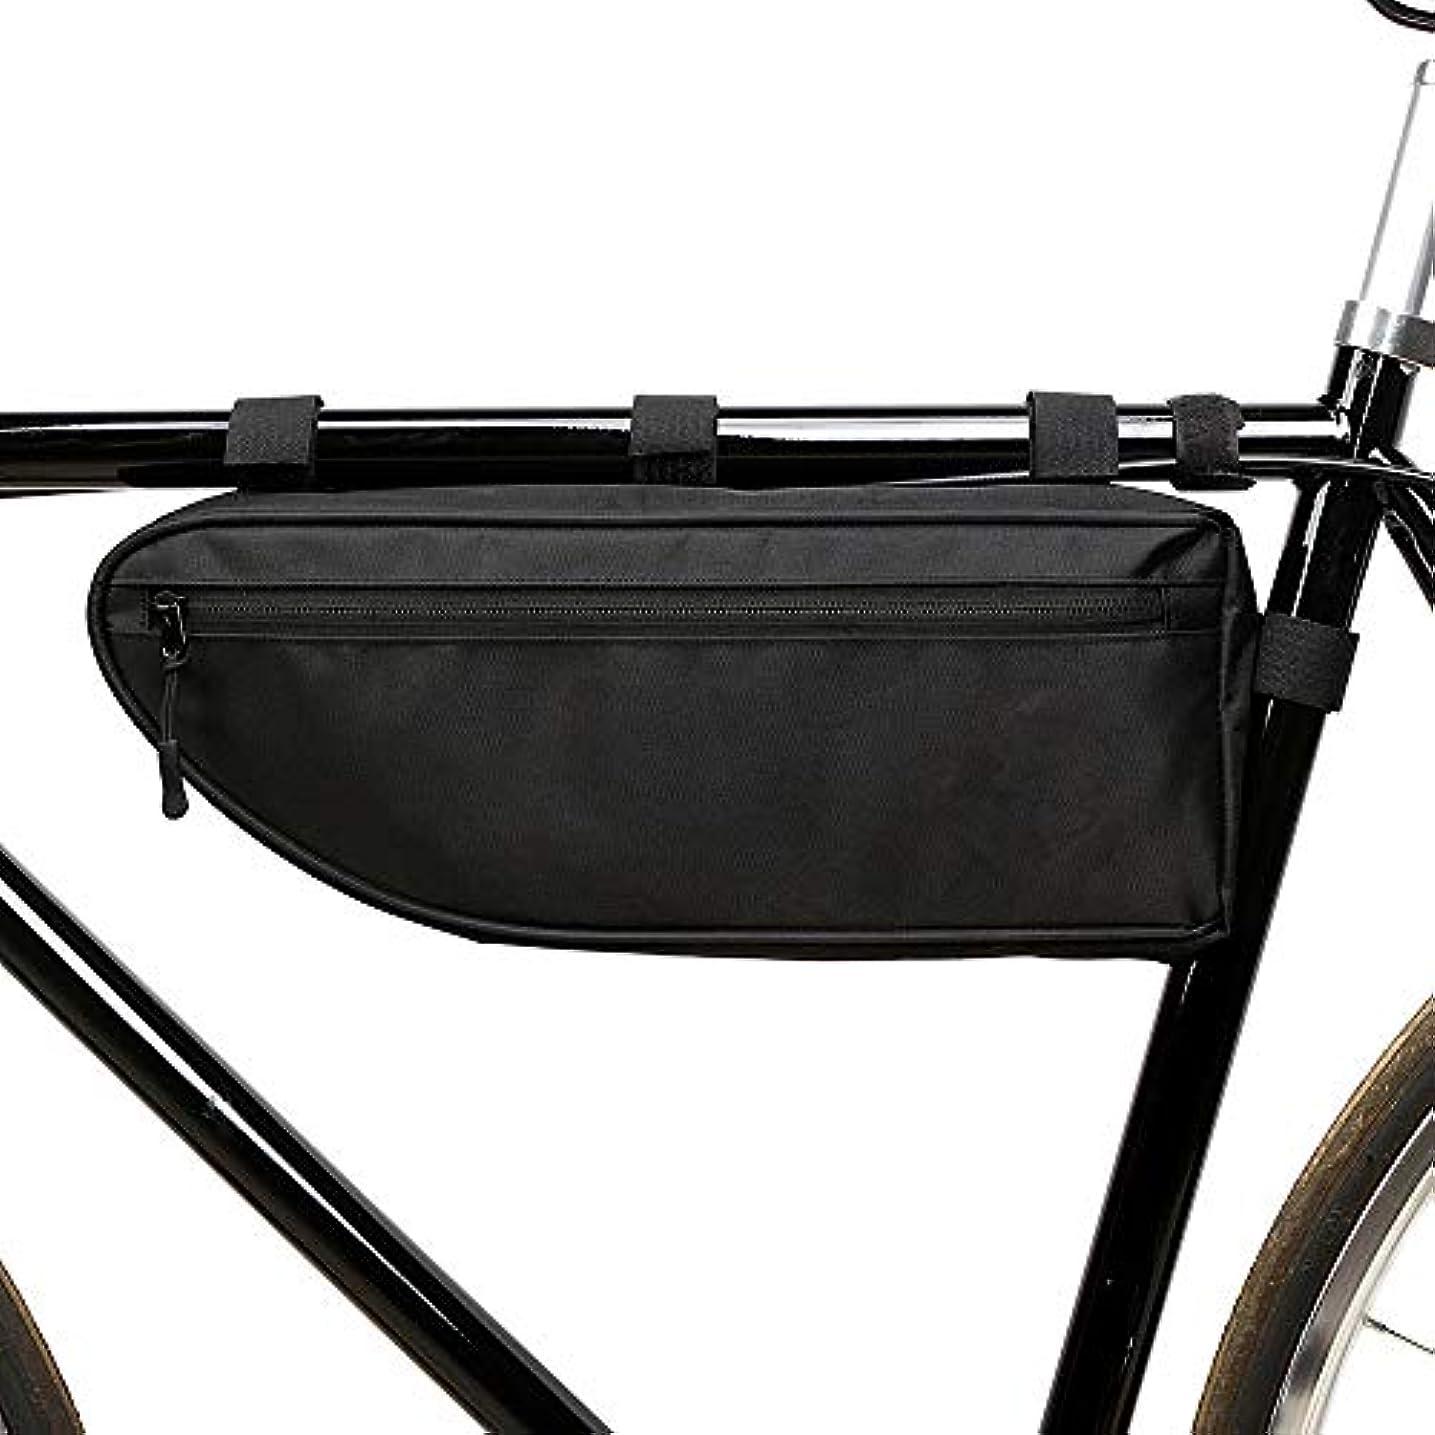 ベーリング海峡男やもめあえて自転車トライアングルフレームバッグ、大容量スポーツ自転車自転車収納バッグトライアングルサドルフレームストラップオンポーチ用サイクリング,L